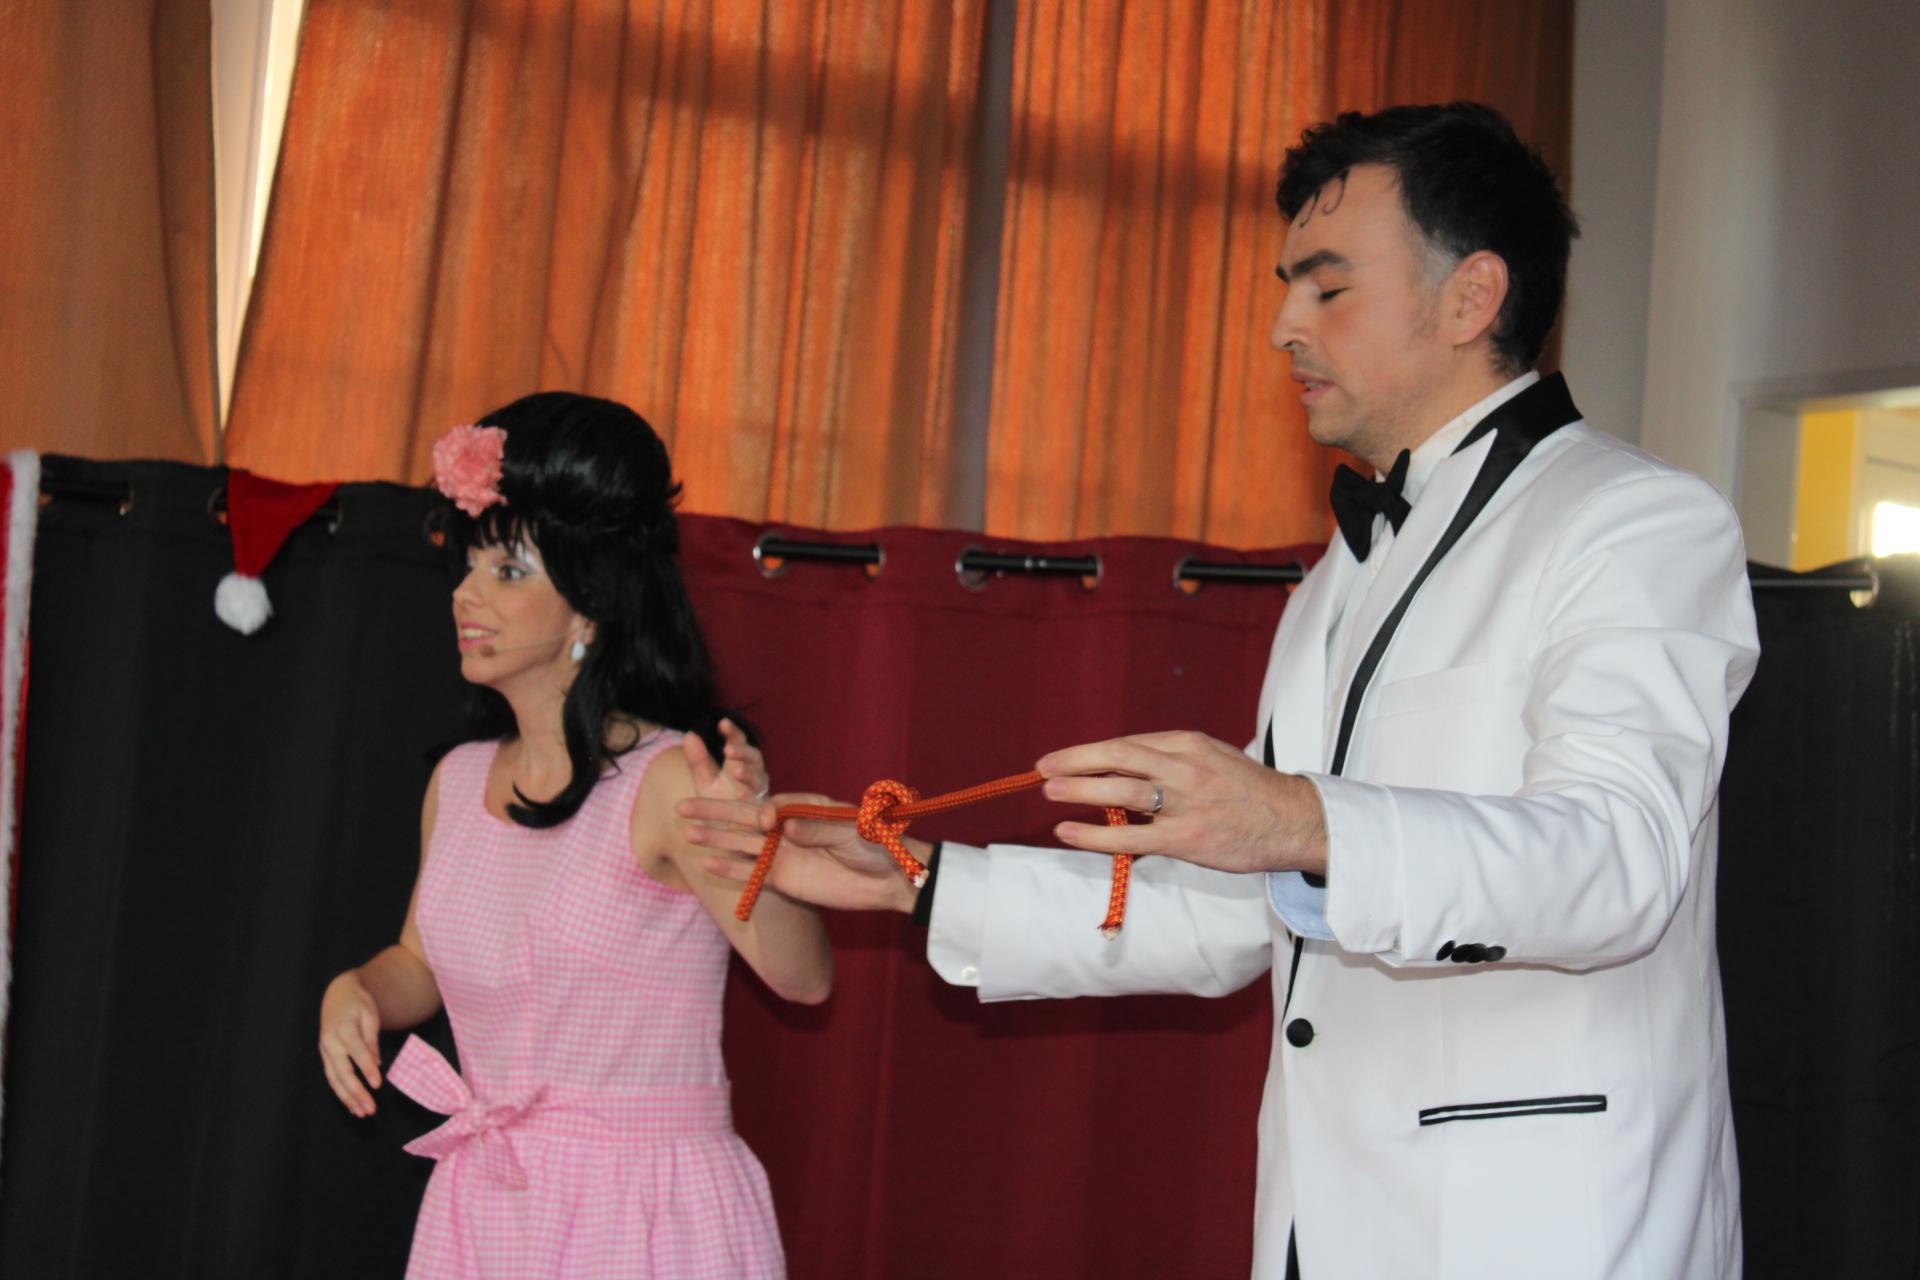 Début du spectacle avec Shirley et Dino